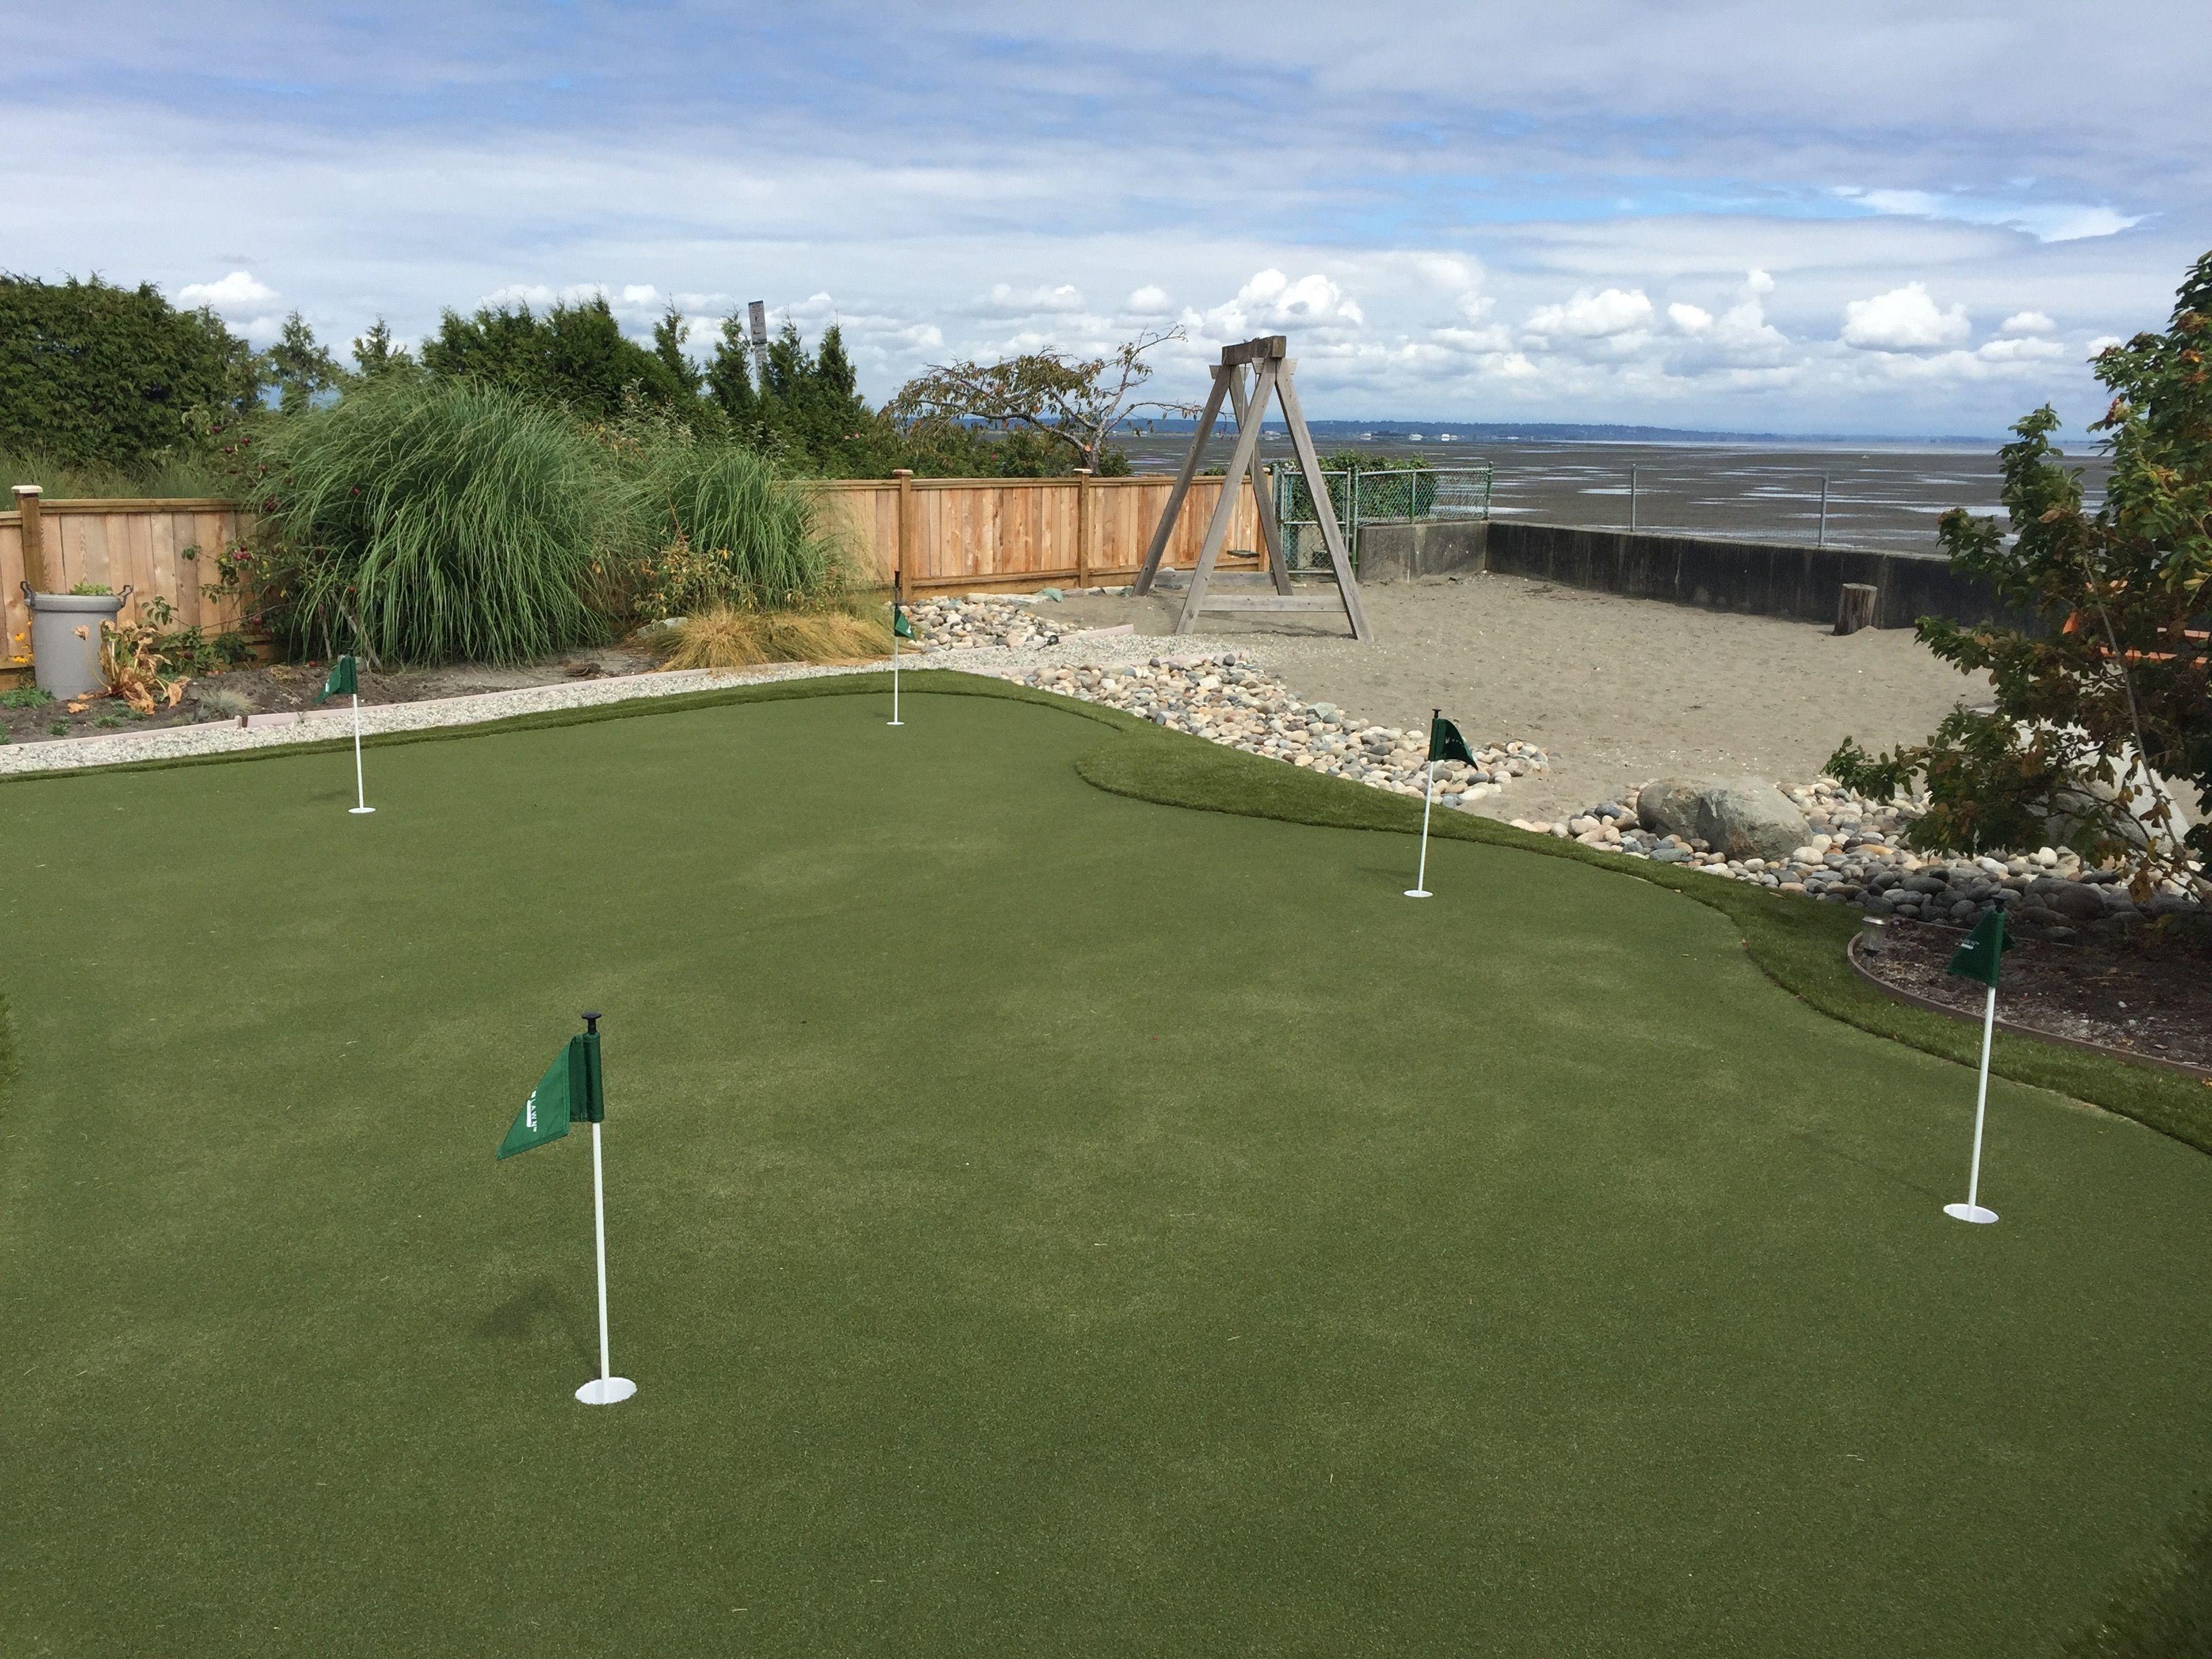 Pin by SYNLawn West Coast on Golf Putting Greens | Golf ...